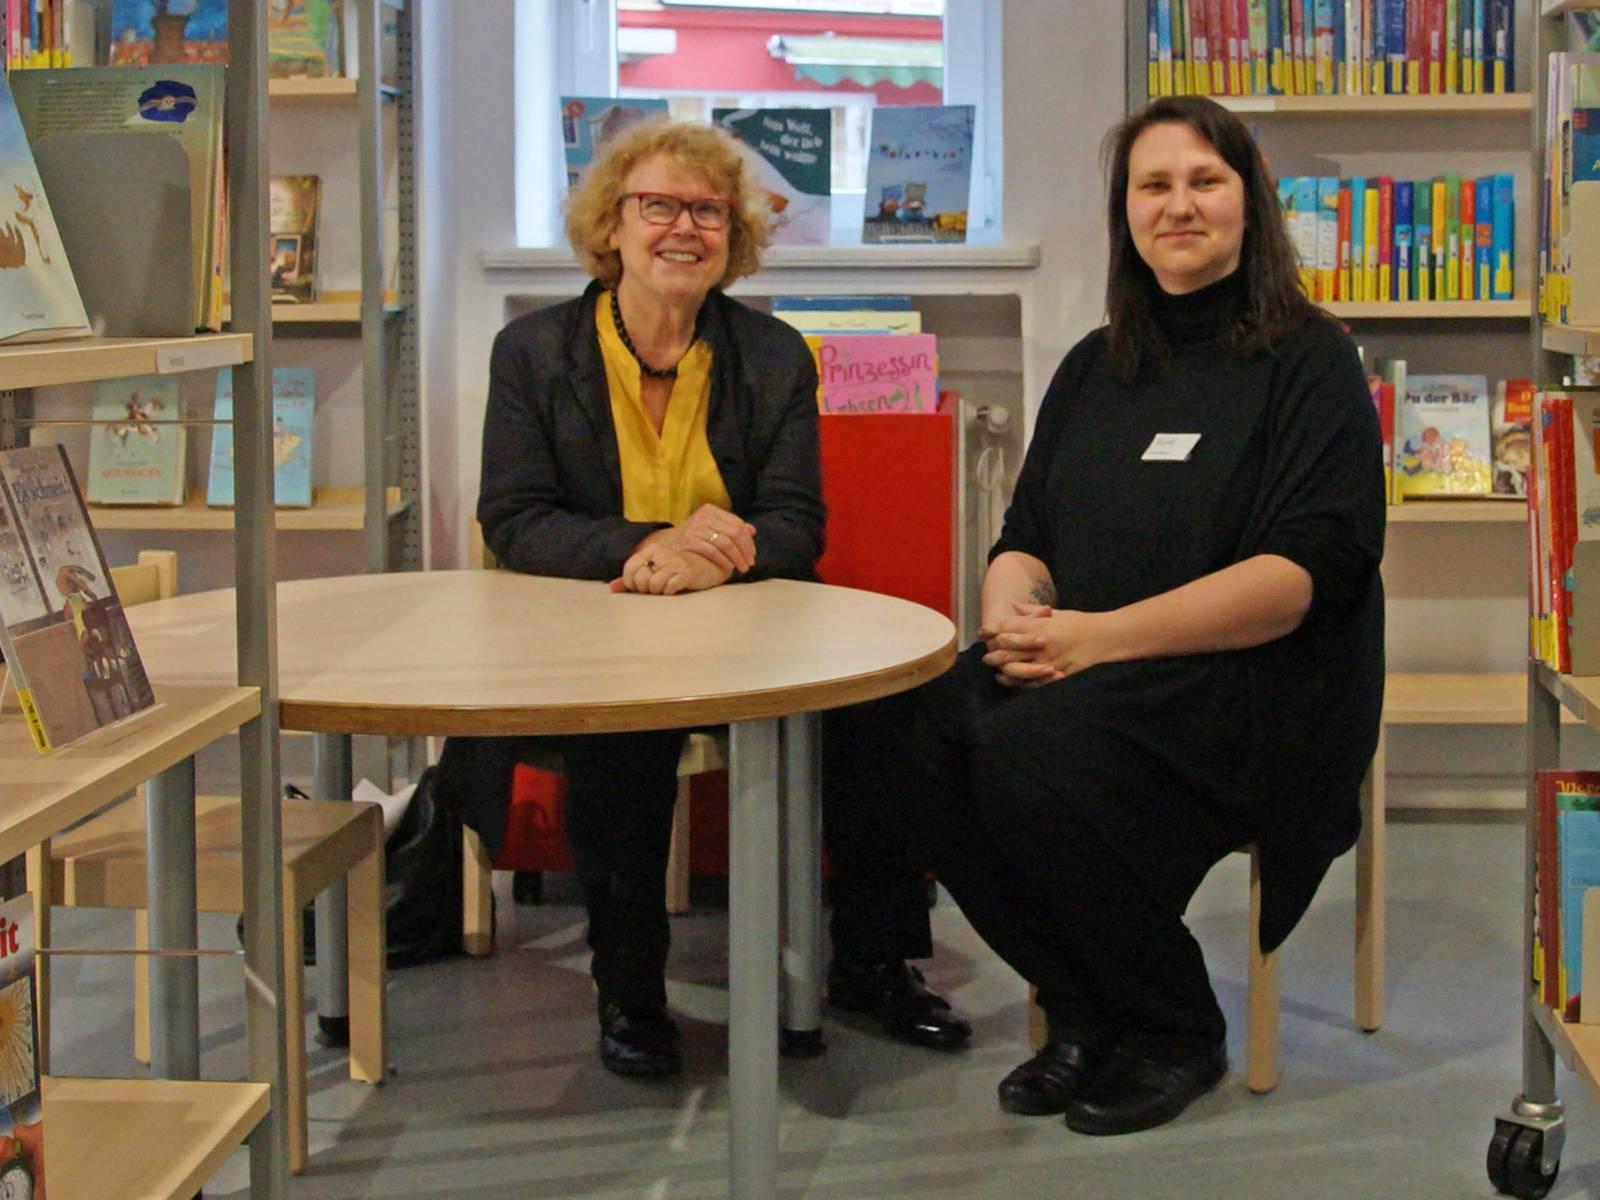 Zwei Frauen an einem Tisch inmitten von Büchern.